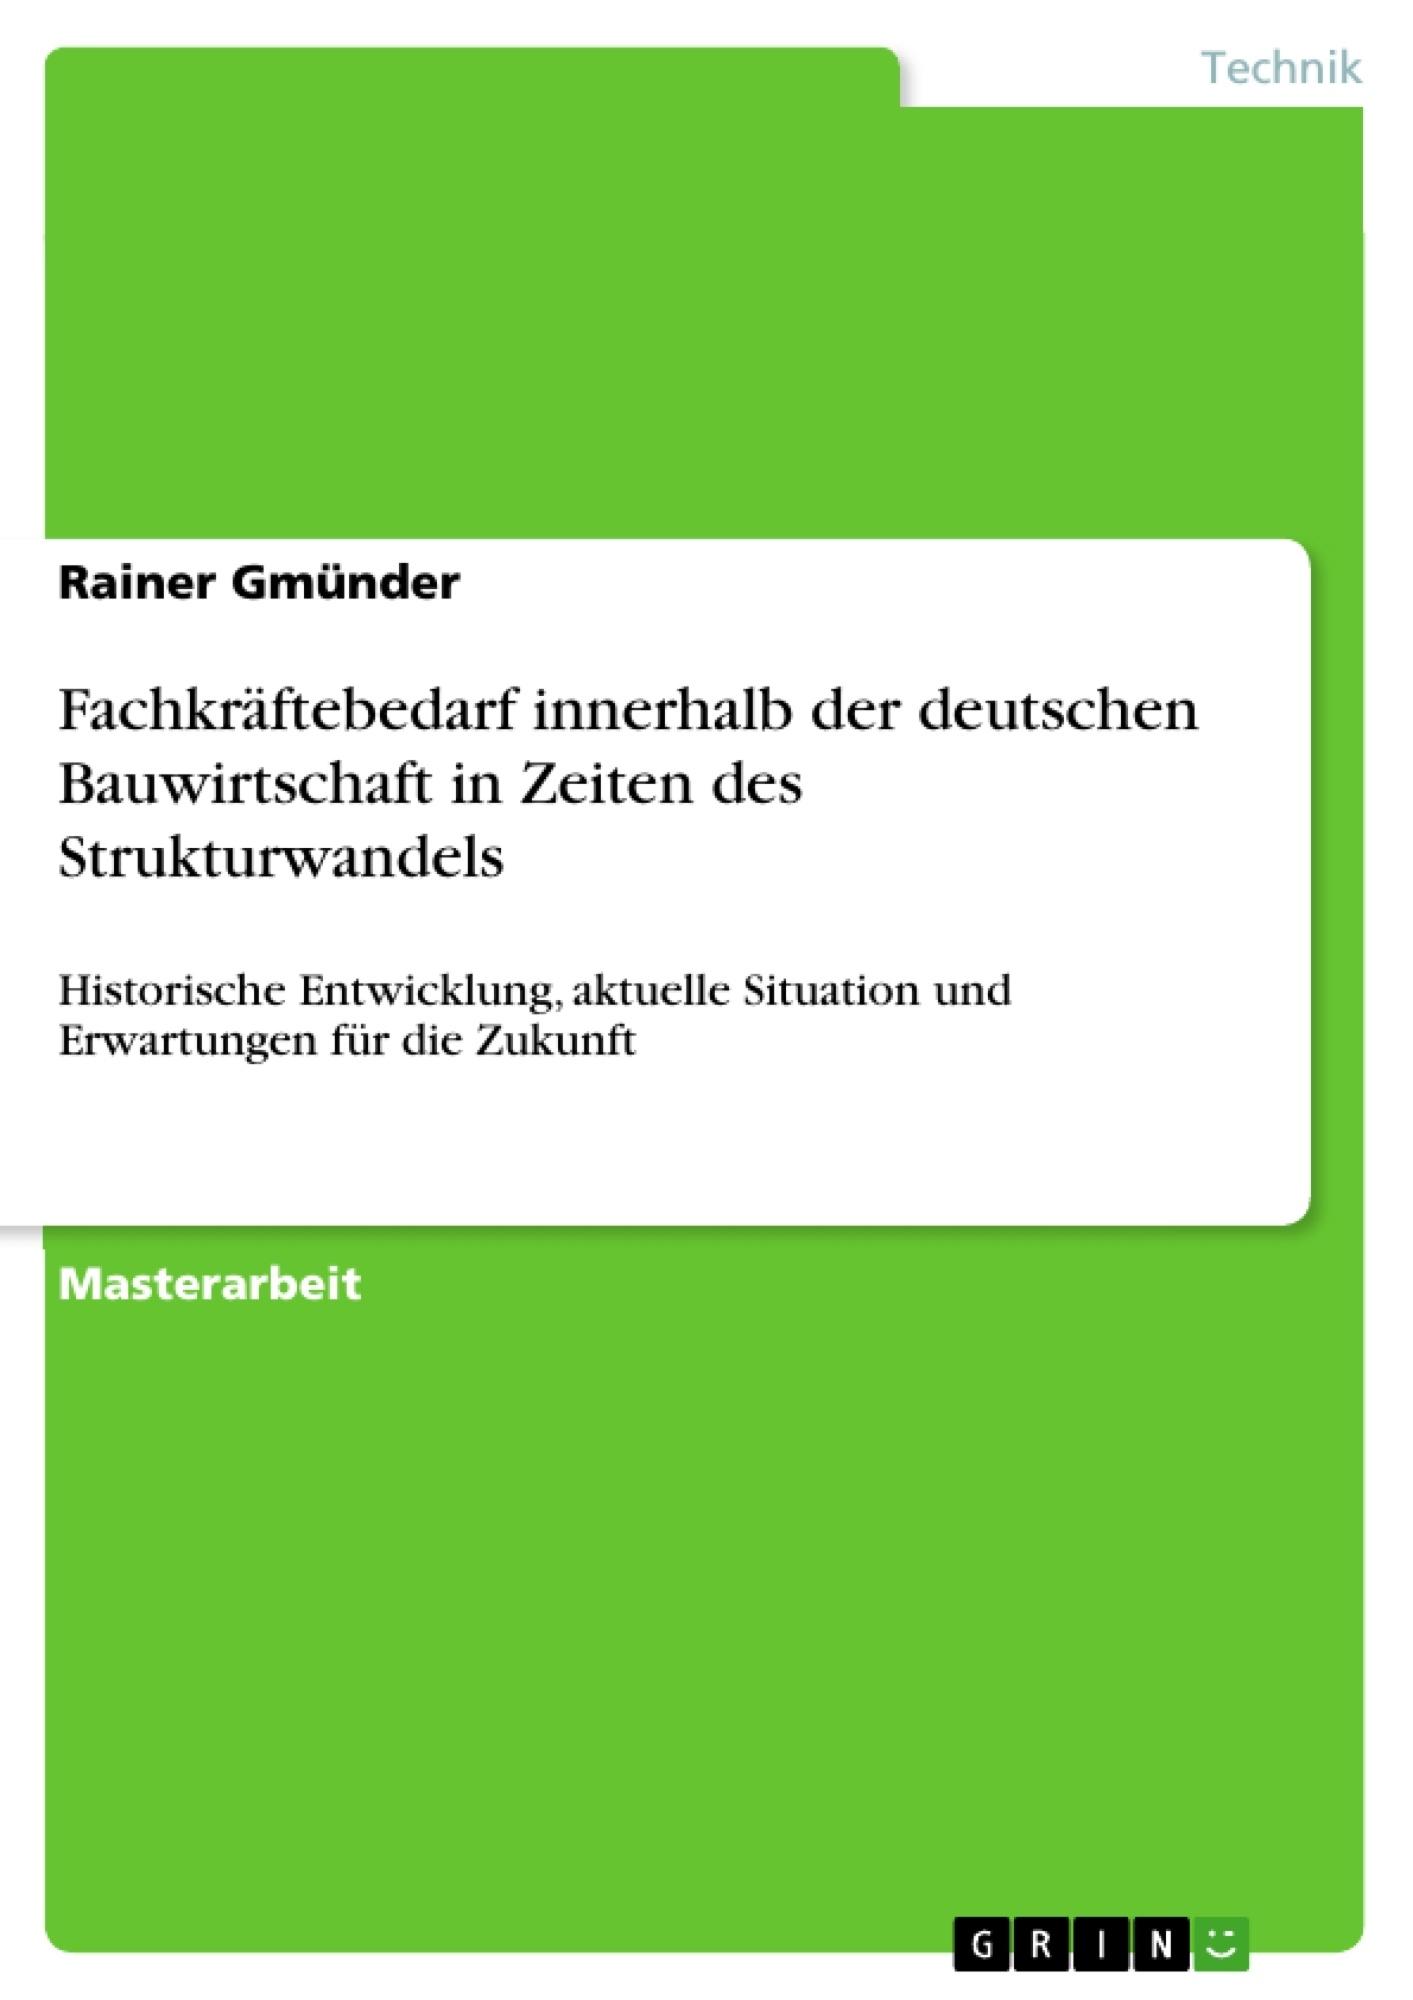 Titel: Fachkräftebedarf innerhalb der deutschen Bauwirtschaft in Zeiten des Strukturwandels